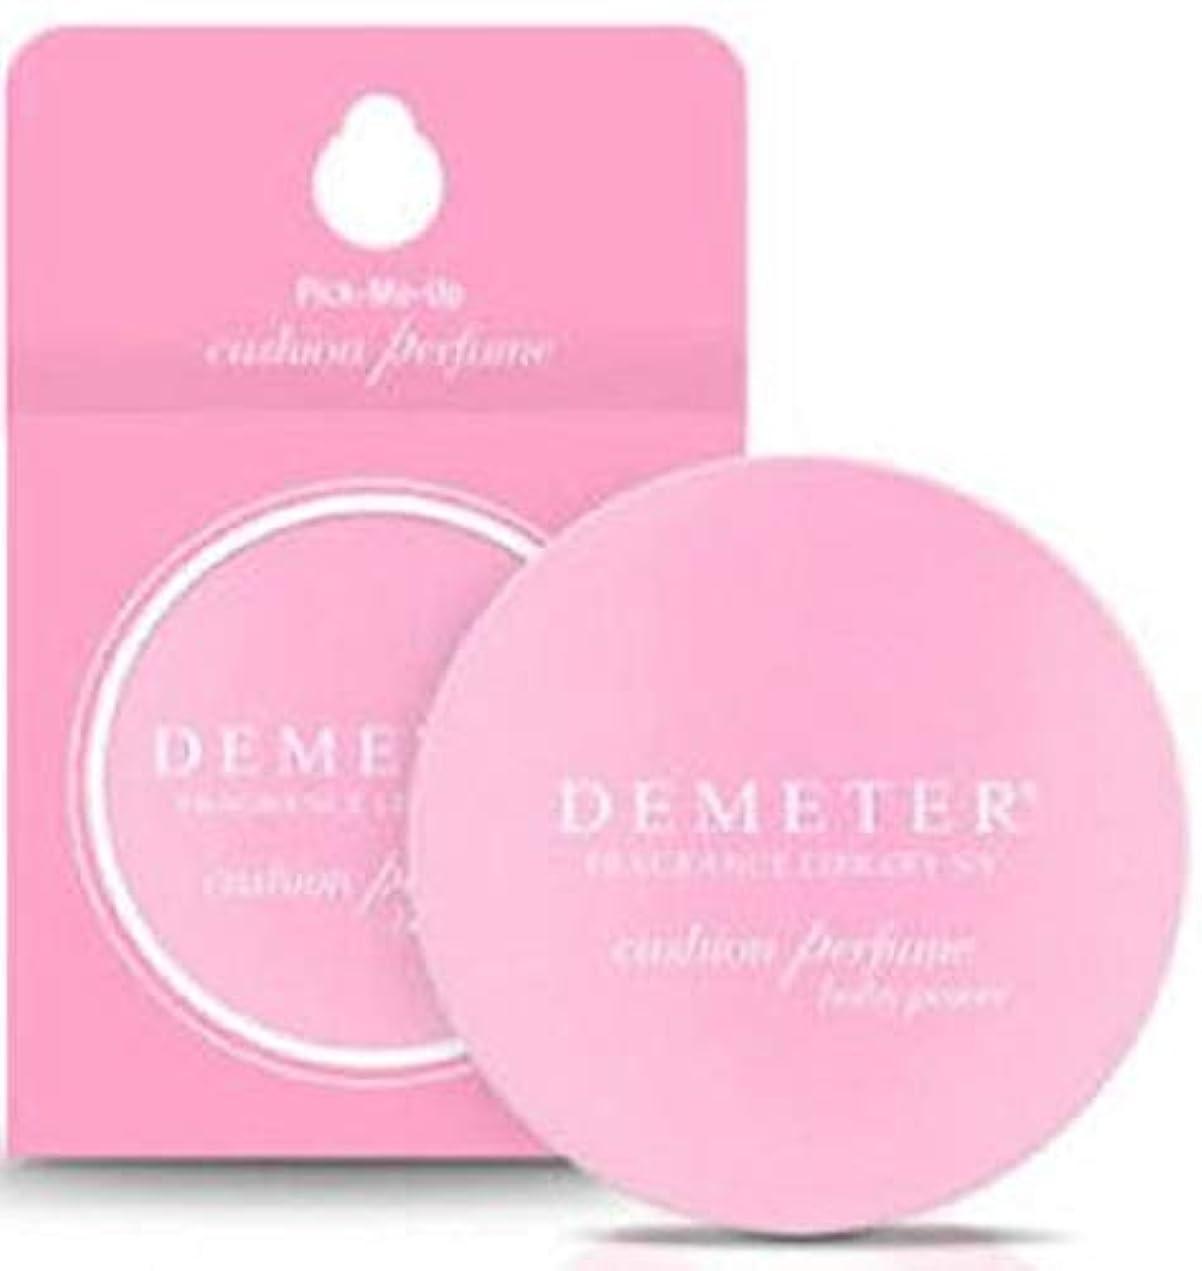 慣れている虹傑出したDemeter ベビーパウダークッション香水2.5グラム - お風呂の後に赤ちゃんを保持しながら、この香りは、純粋な気持ちを体現、あなたが感じることができます